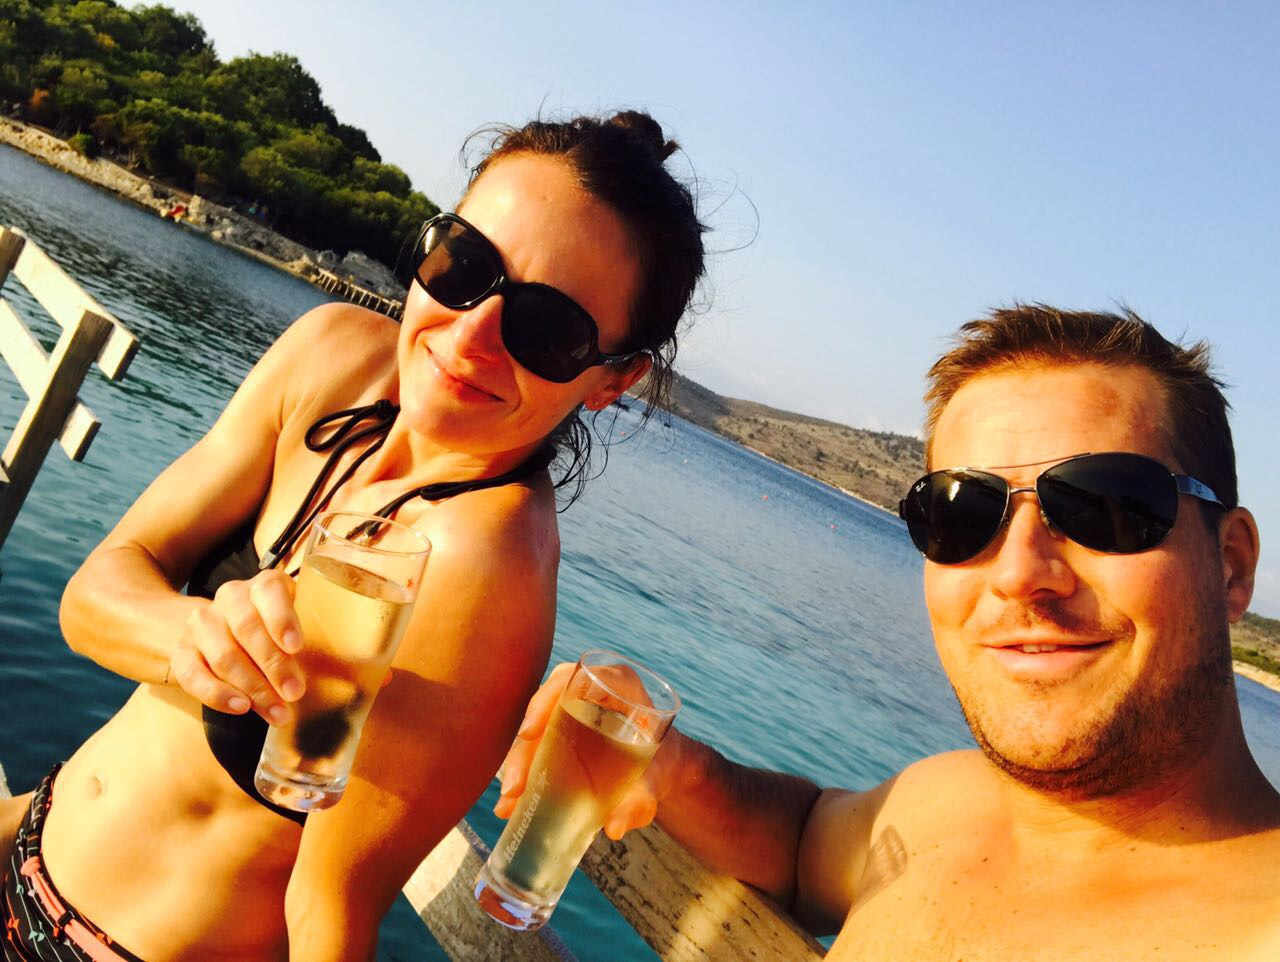 Frau und Mann stoßen an und sitzen dabei auf einem Holzsteg, die Sonne geht unter, sie lächeln in die Kamera, Ksamil, Albanien